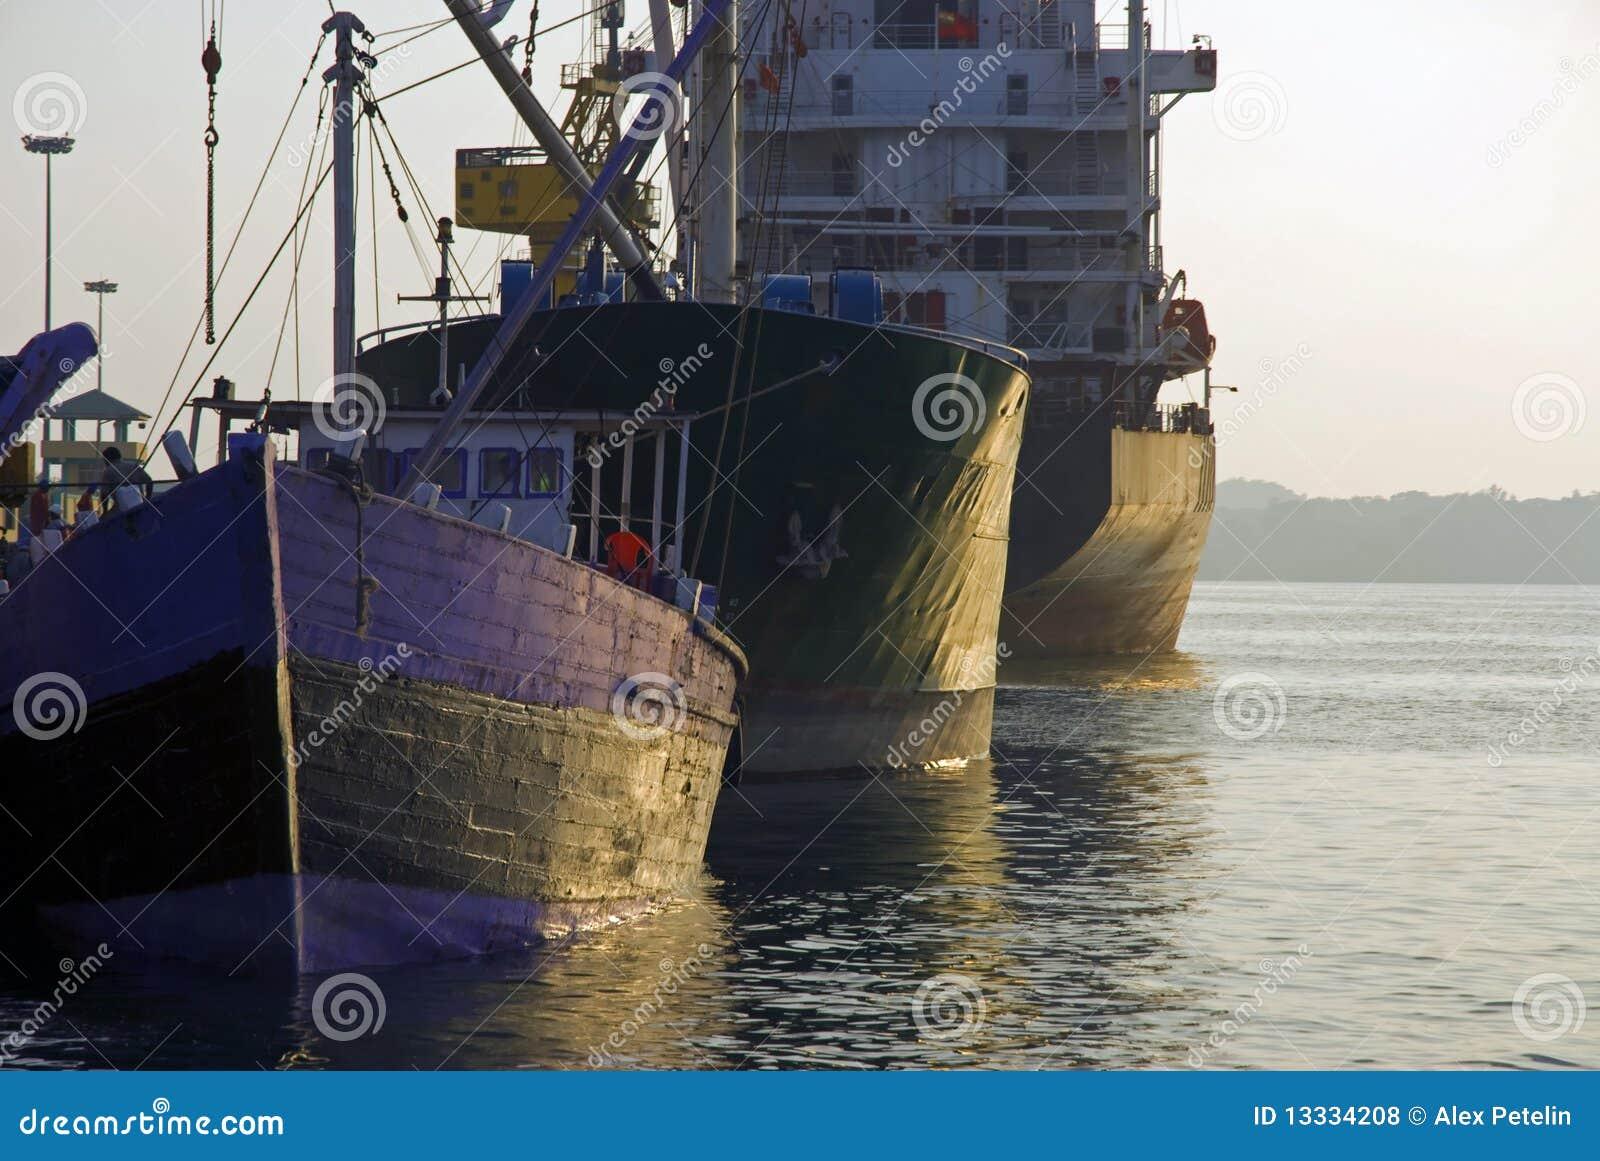 Kuszetka statki